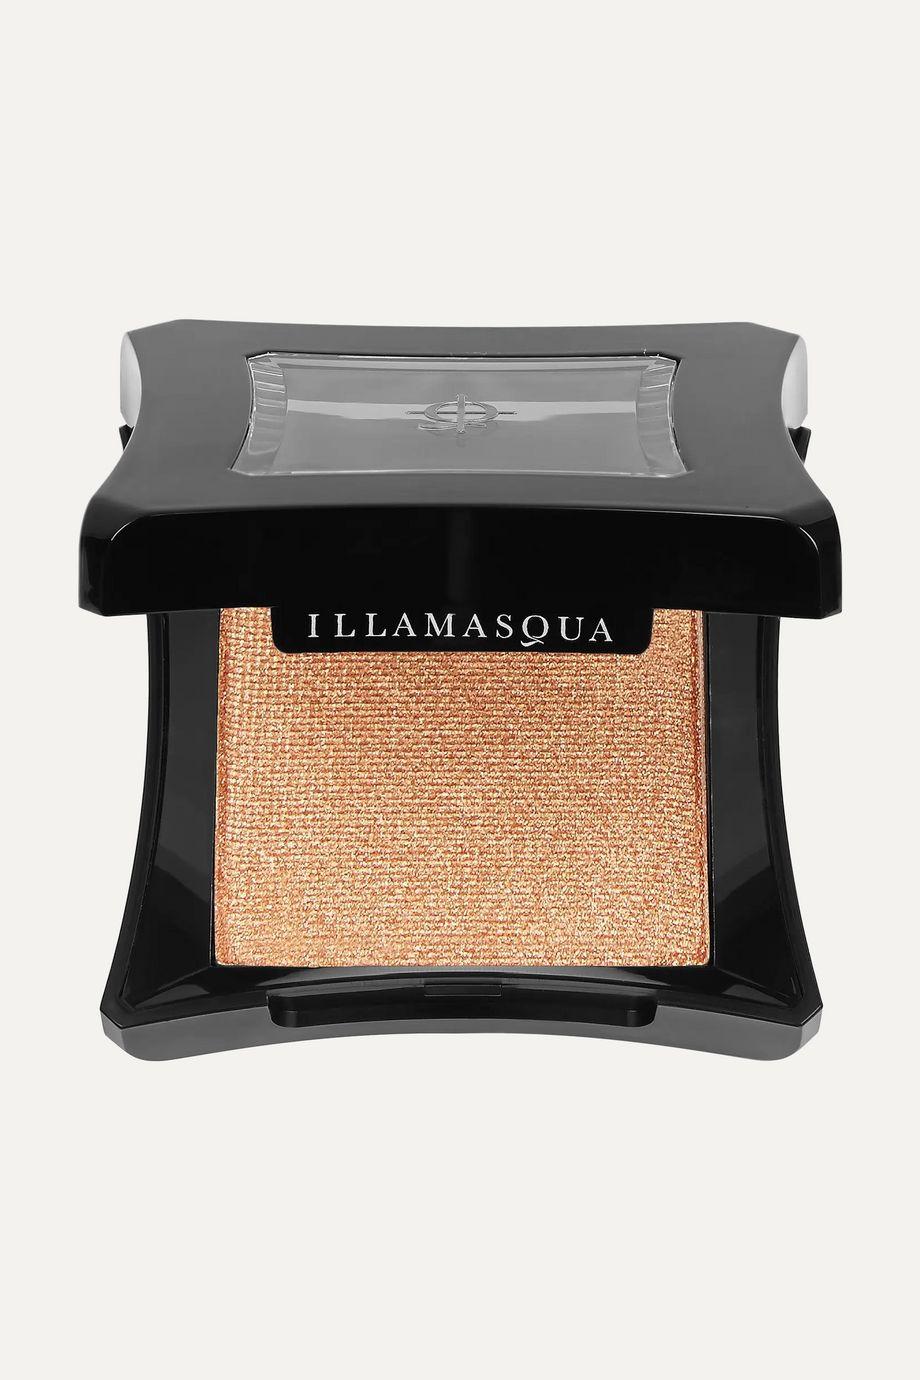 Illamasqua Powder Eye Shadow - Bronx